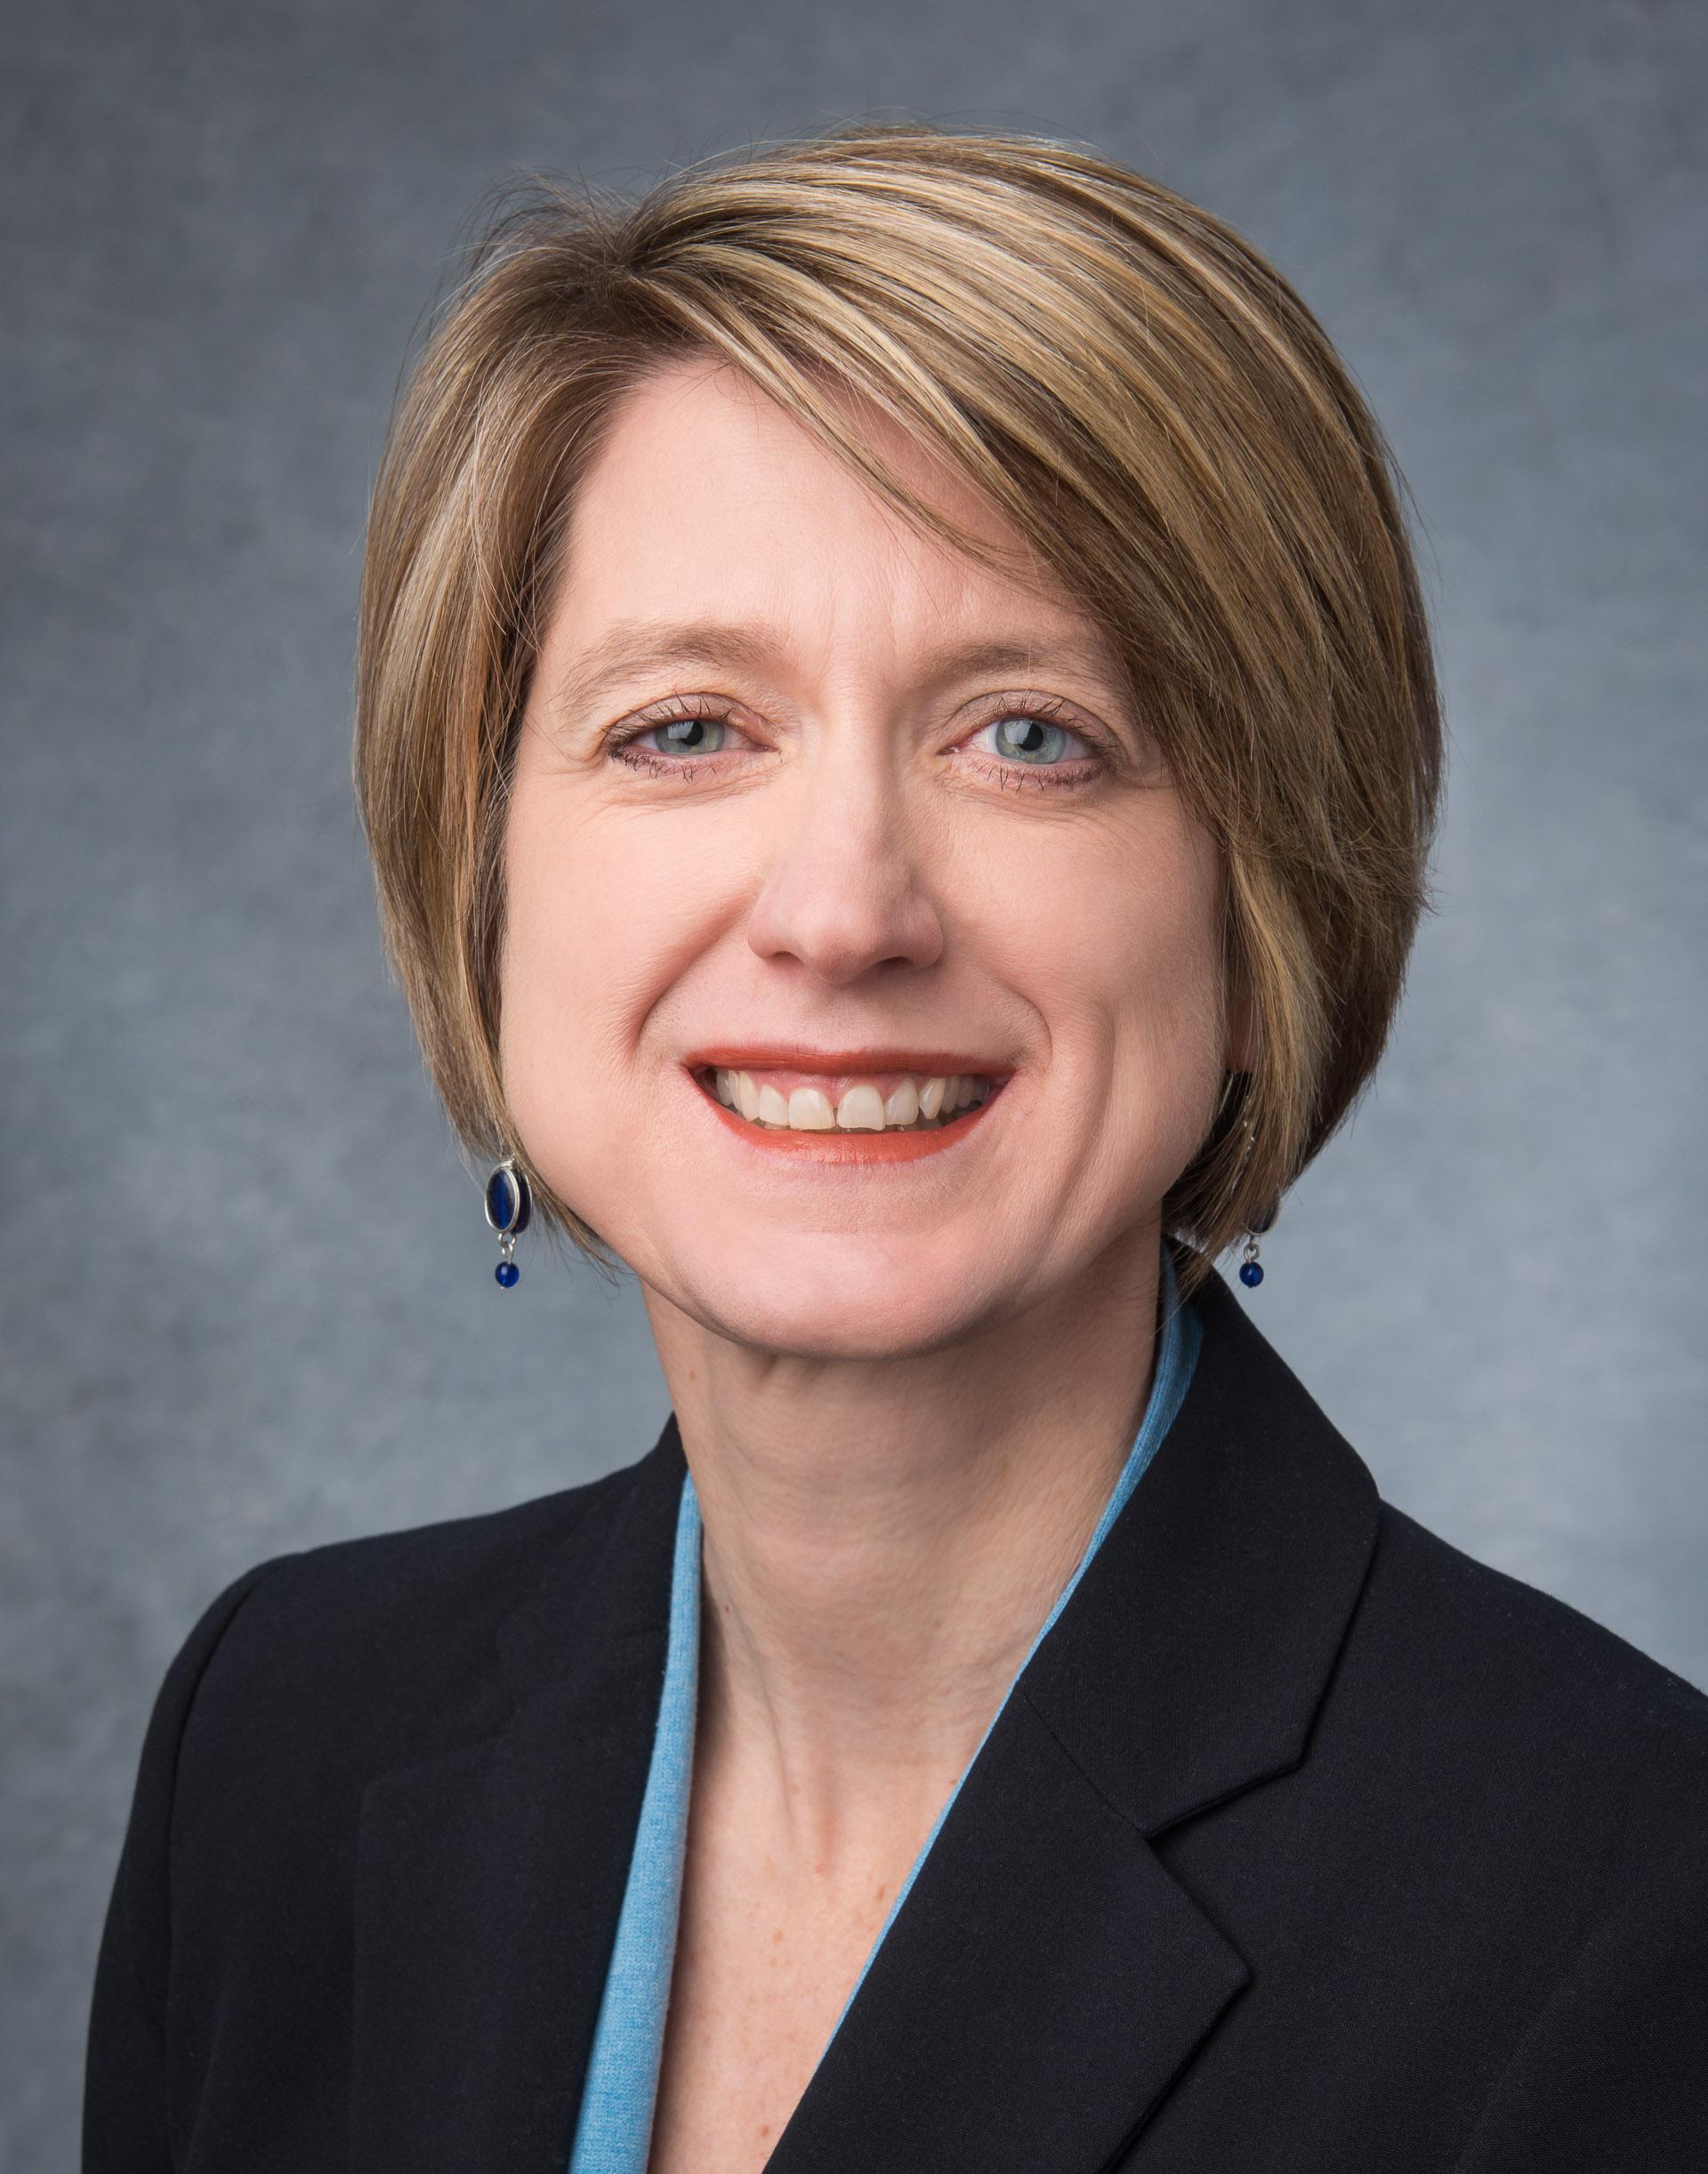 Charlene Stevens, Senior Vice President